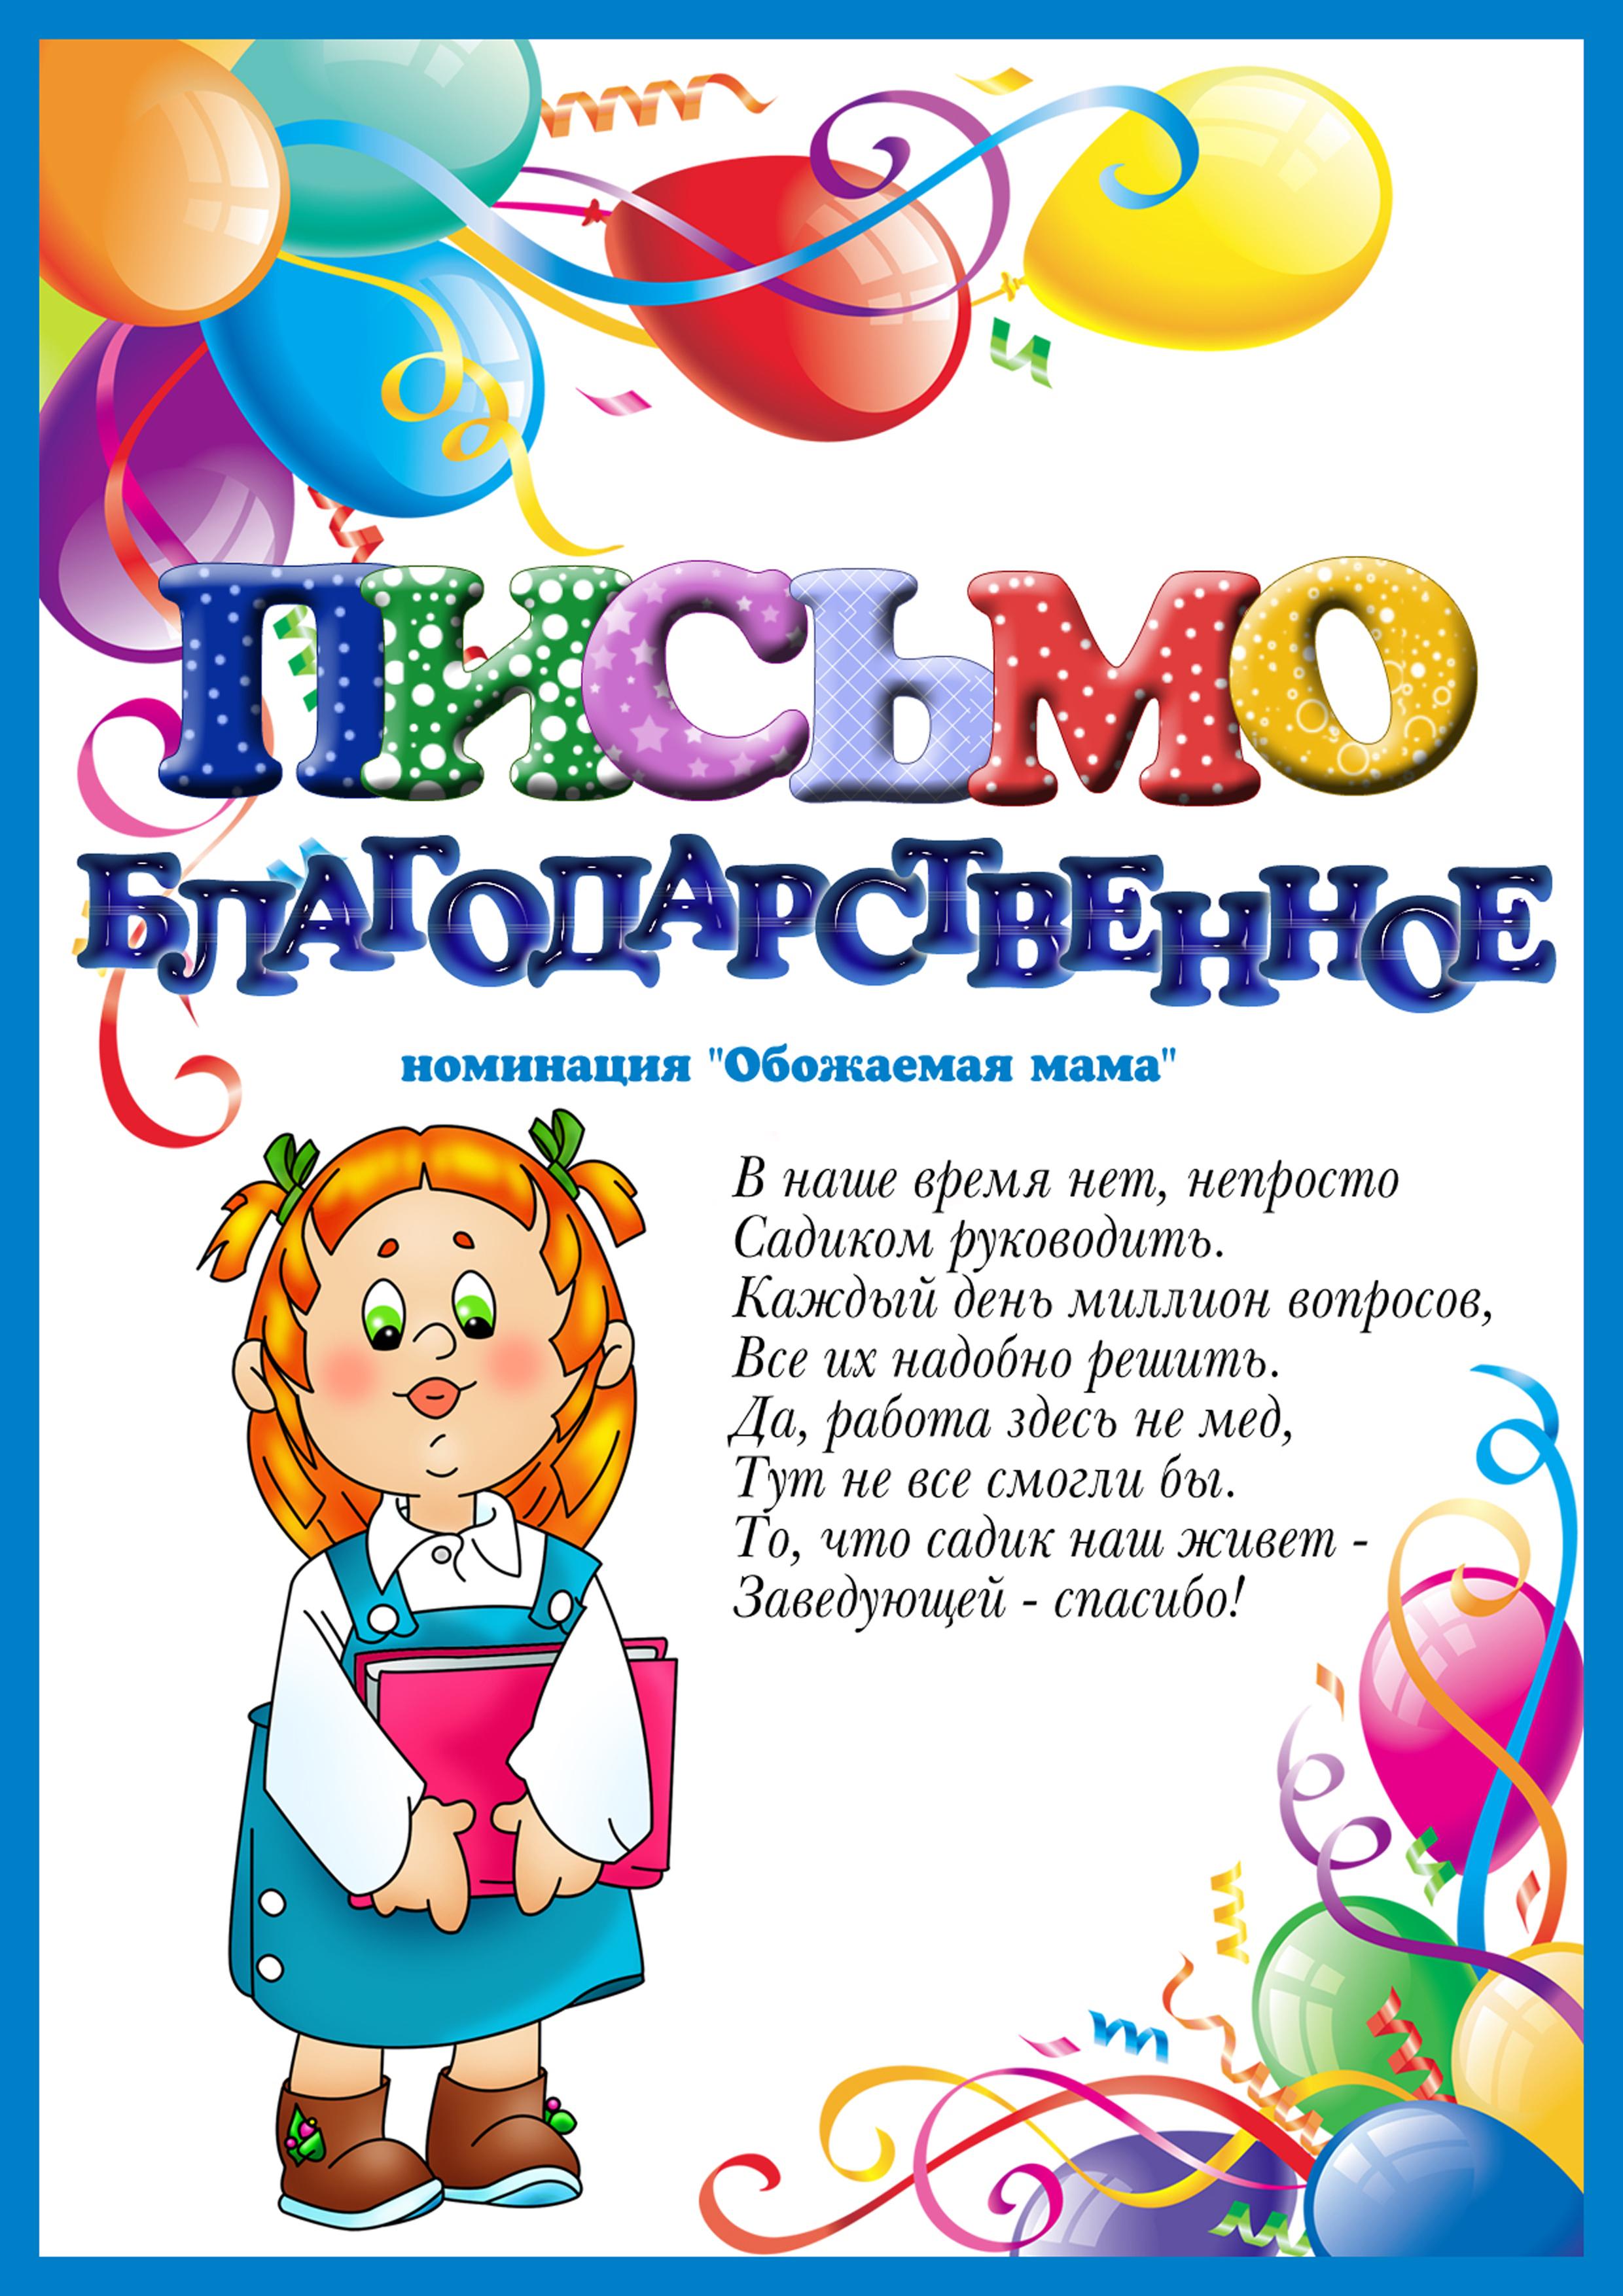 Поздравление с дне рождения для мальчика 3 лет